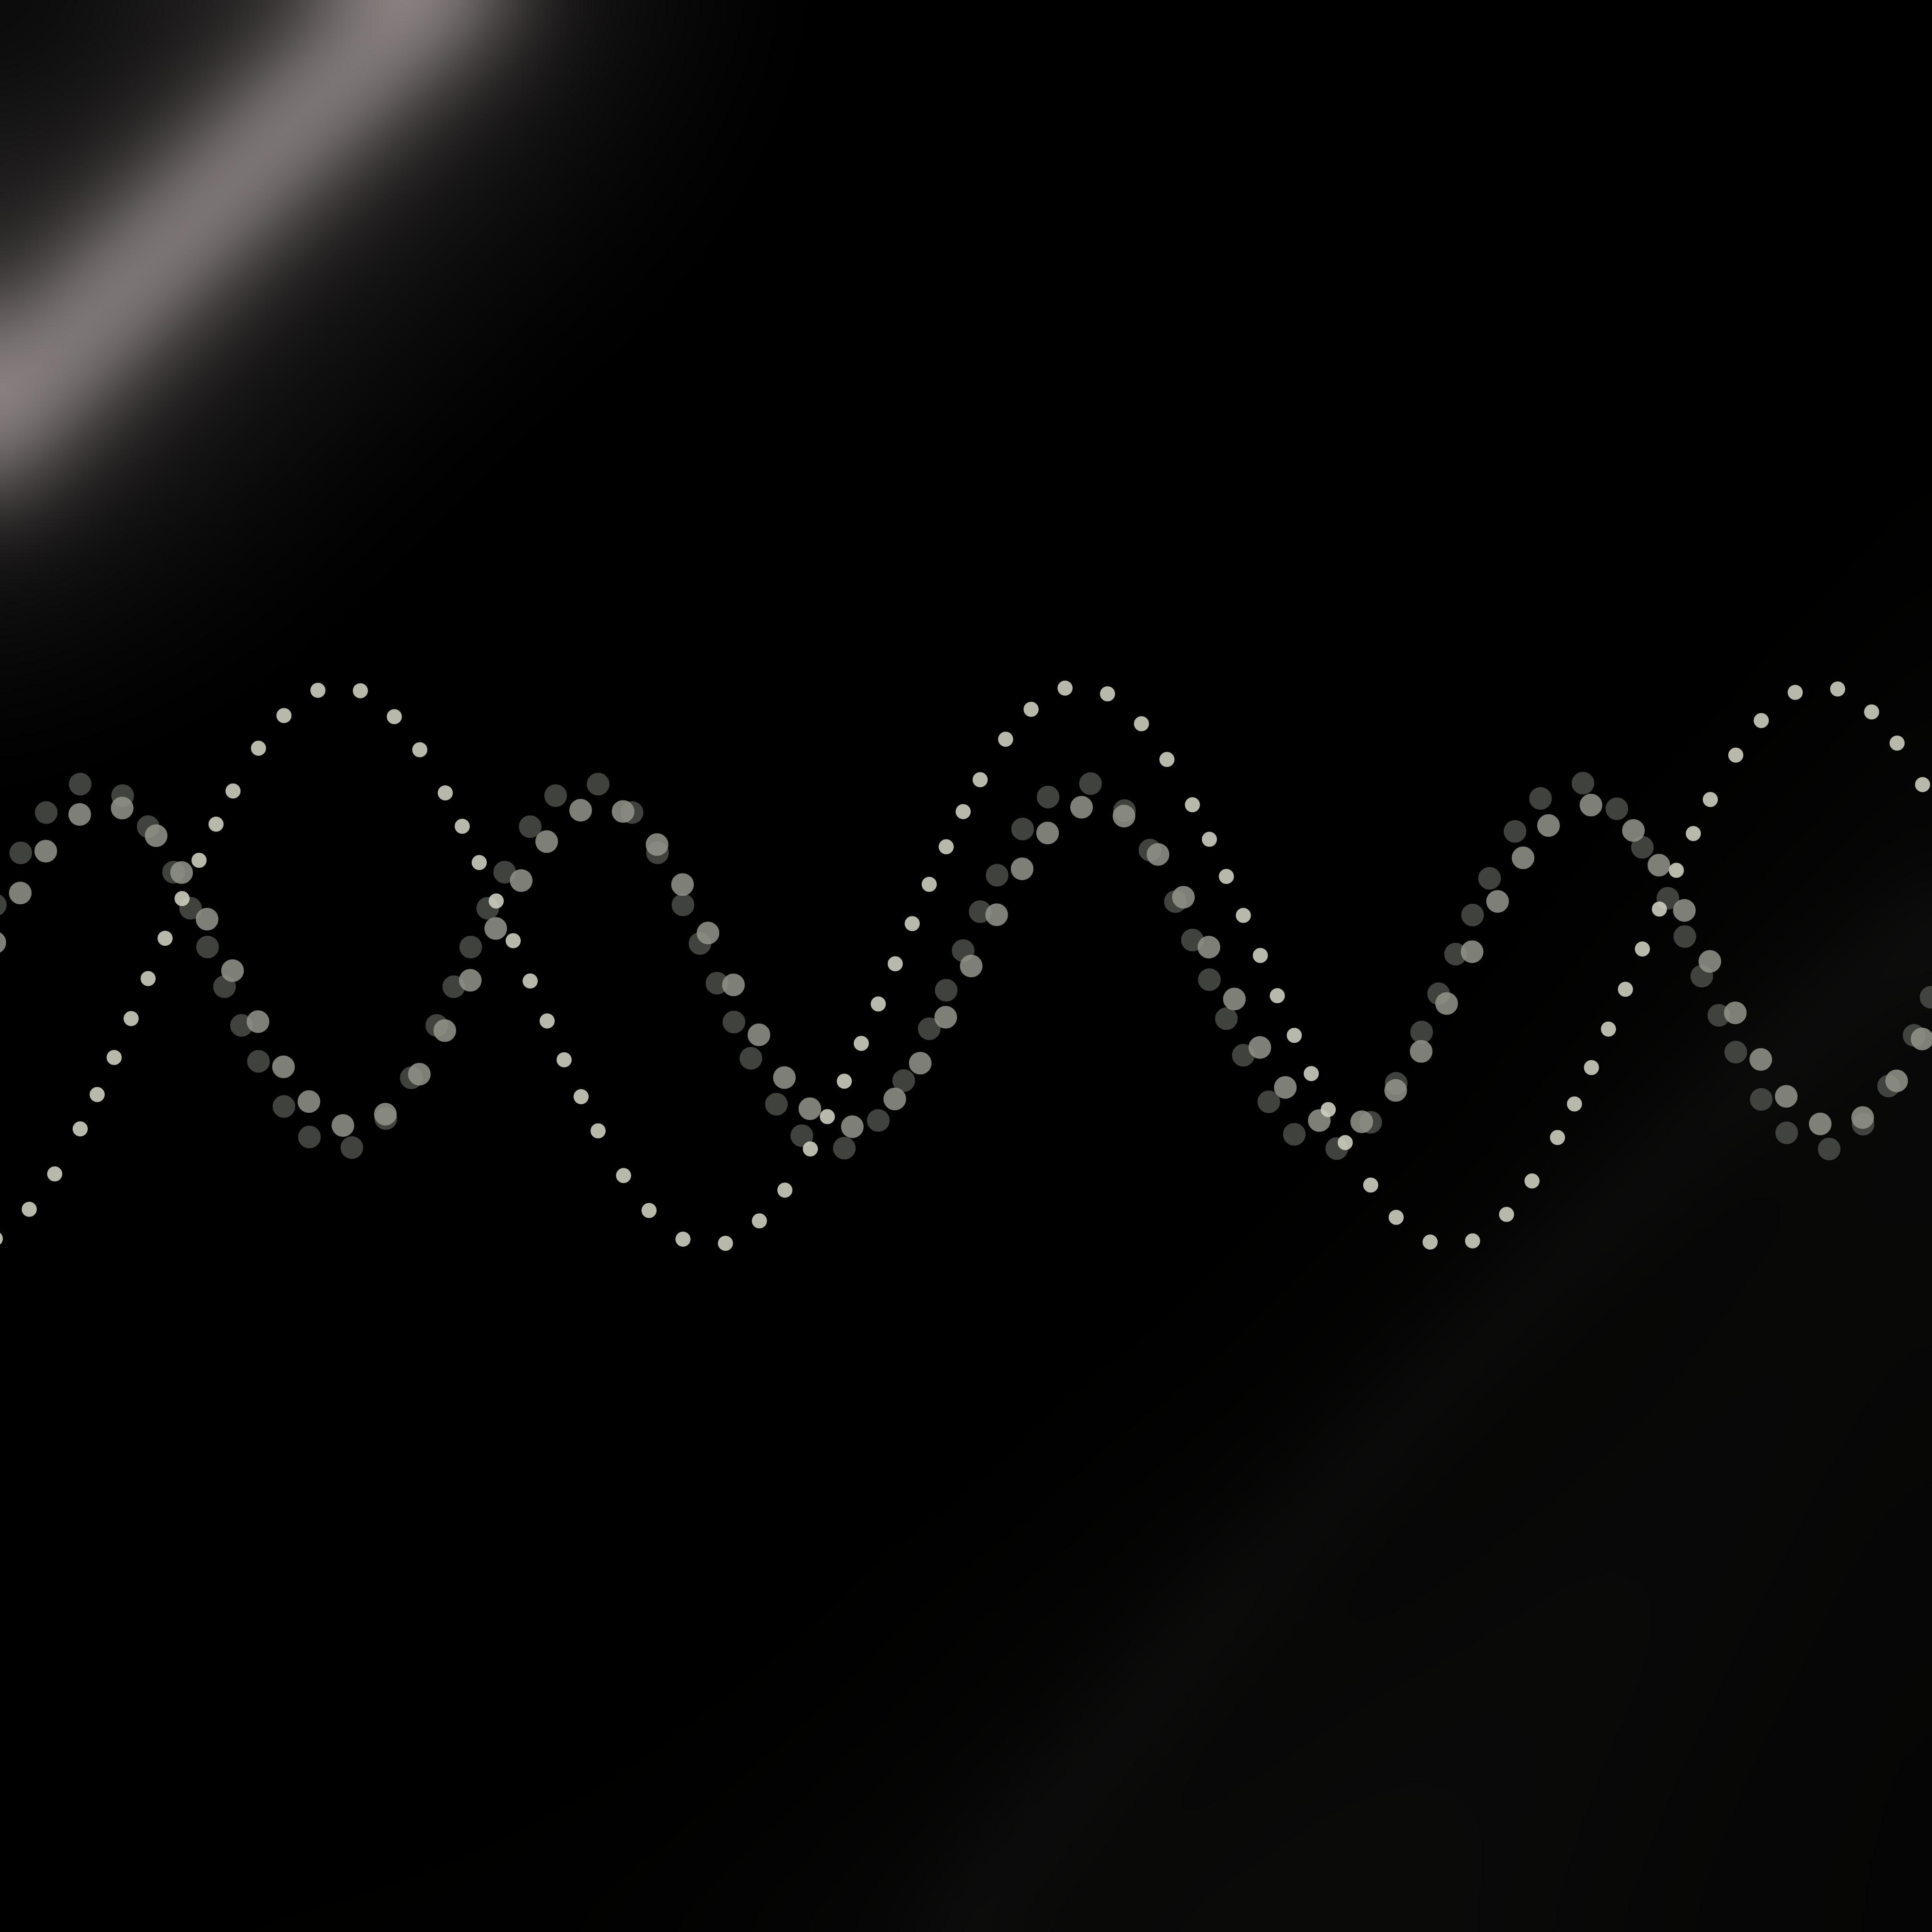 デスクトップ壁紙 カラフル テキスト 単純な サークル マテリアルスタイル Android Marshmallow タペット ライン 闇 コンピュータの壁紙 黒と白 モノクロ写真 フォント 器官 4096x4096 Pvtpwn デスクトップ 壁紙 Wallhere